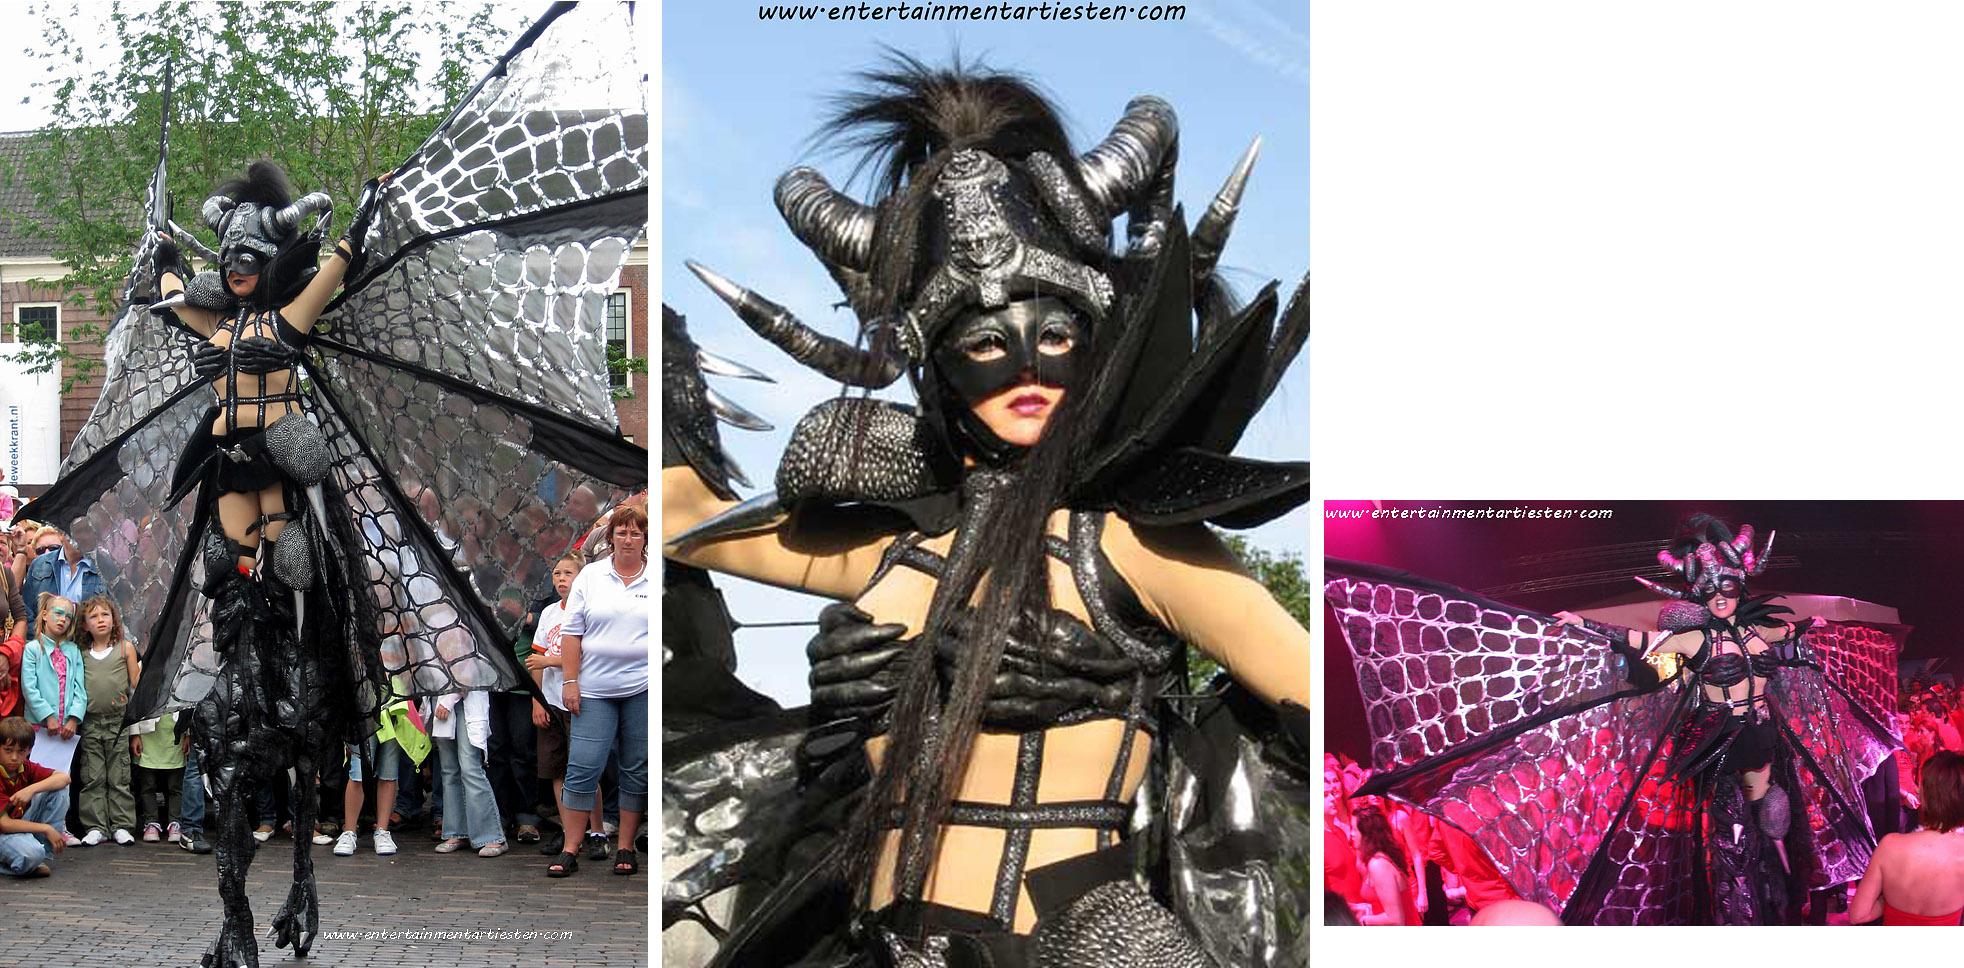 Halloween artiesten: De Vleermuis Black Barbarella is een sensationele stelten-act, straattheater, thema artiesten, steltenlopers, steltentheater, steltenact, Govers Evenementen